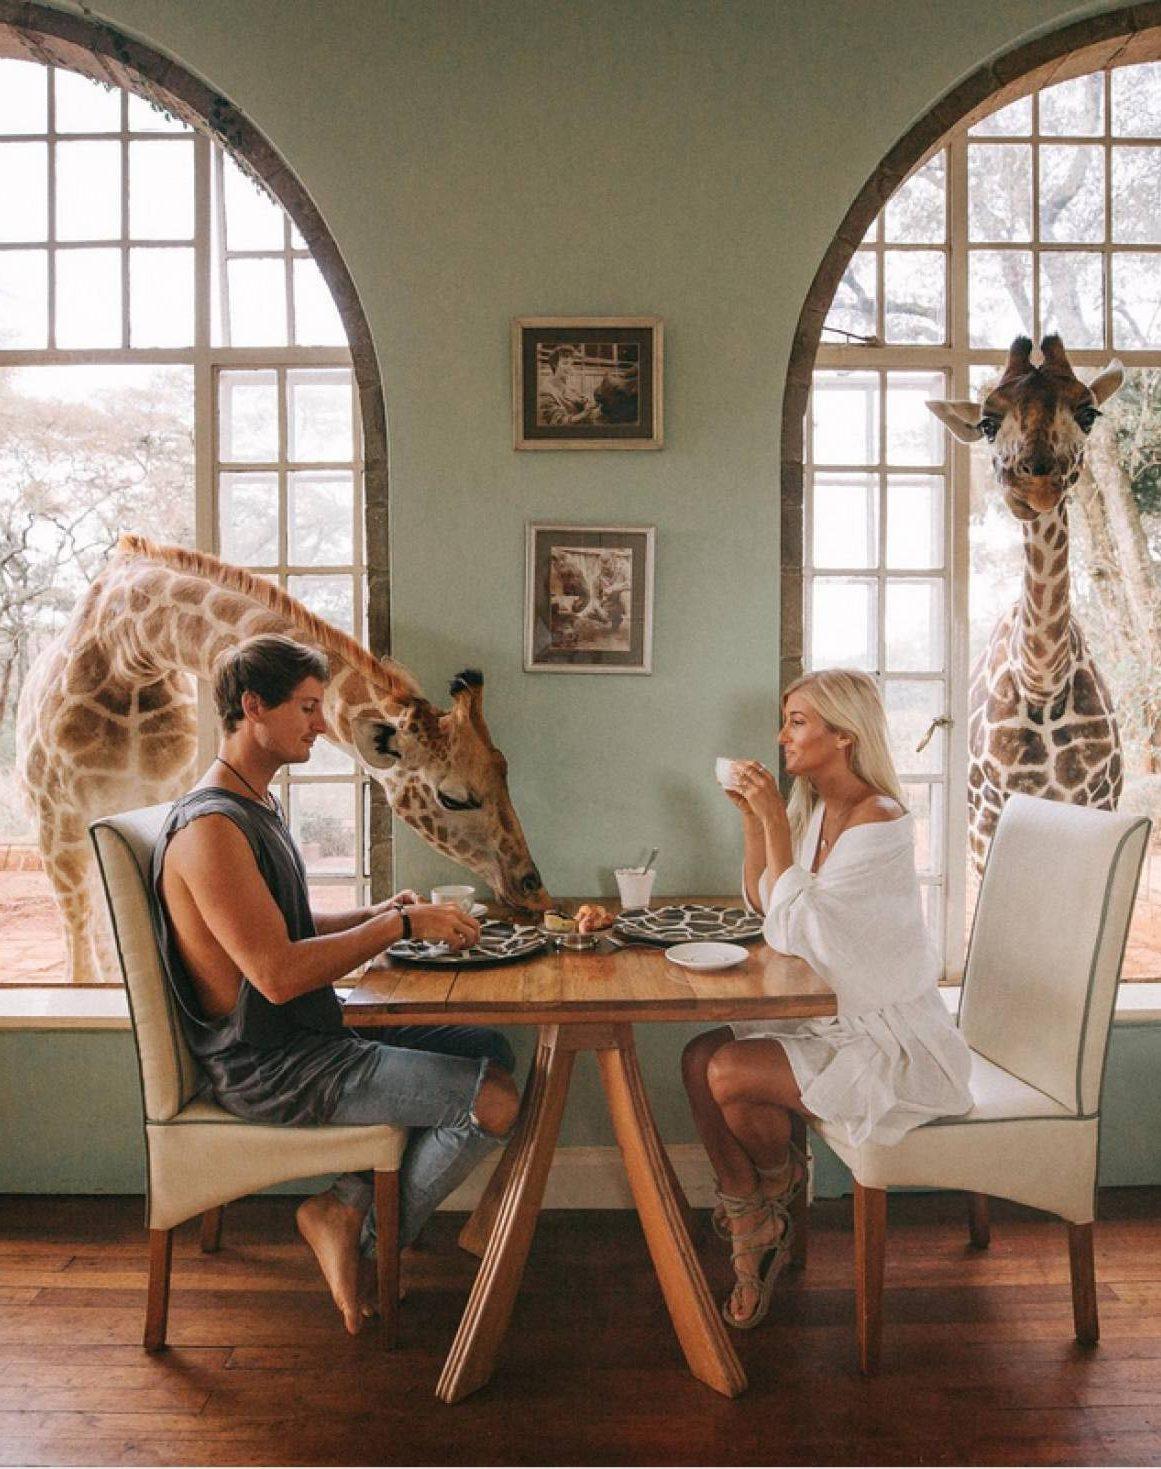 10.000 dólares por una foto, así es la vida de esta pareja de influencers Instagram